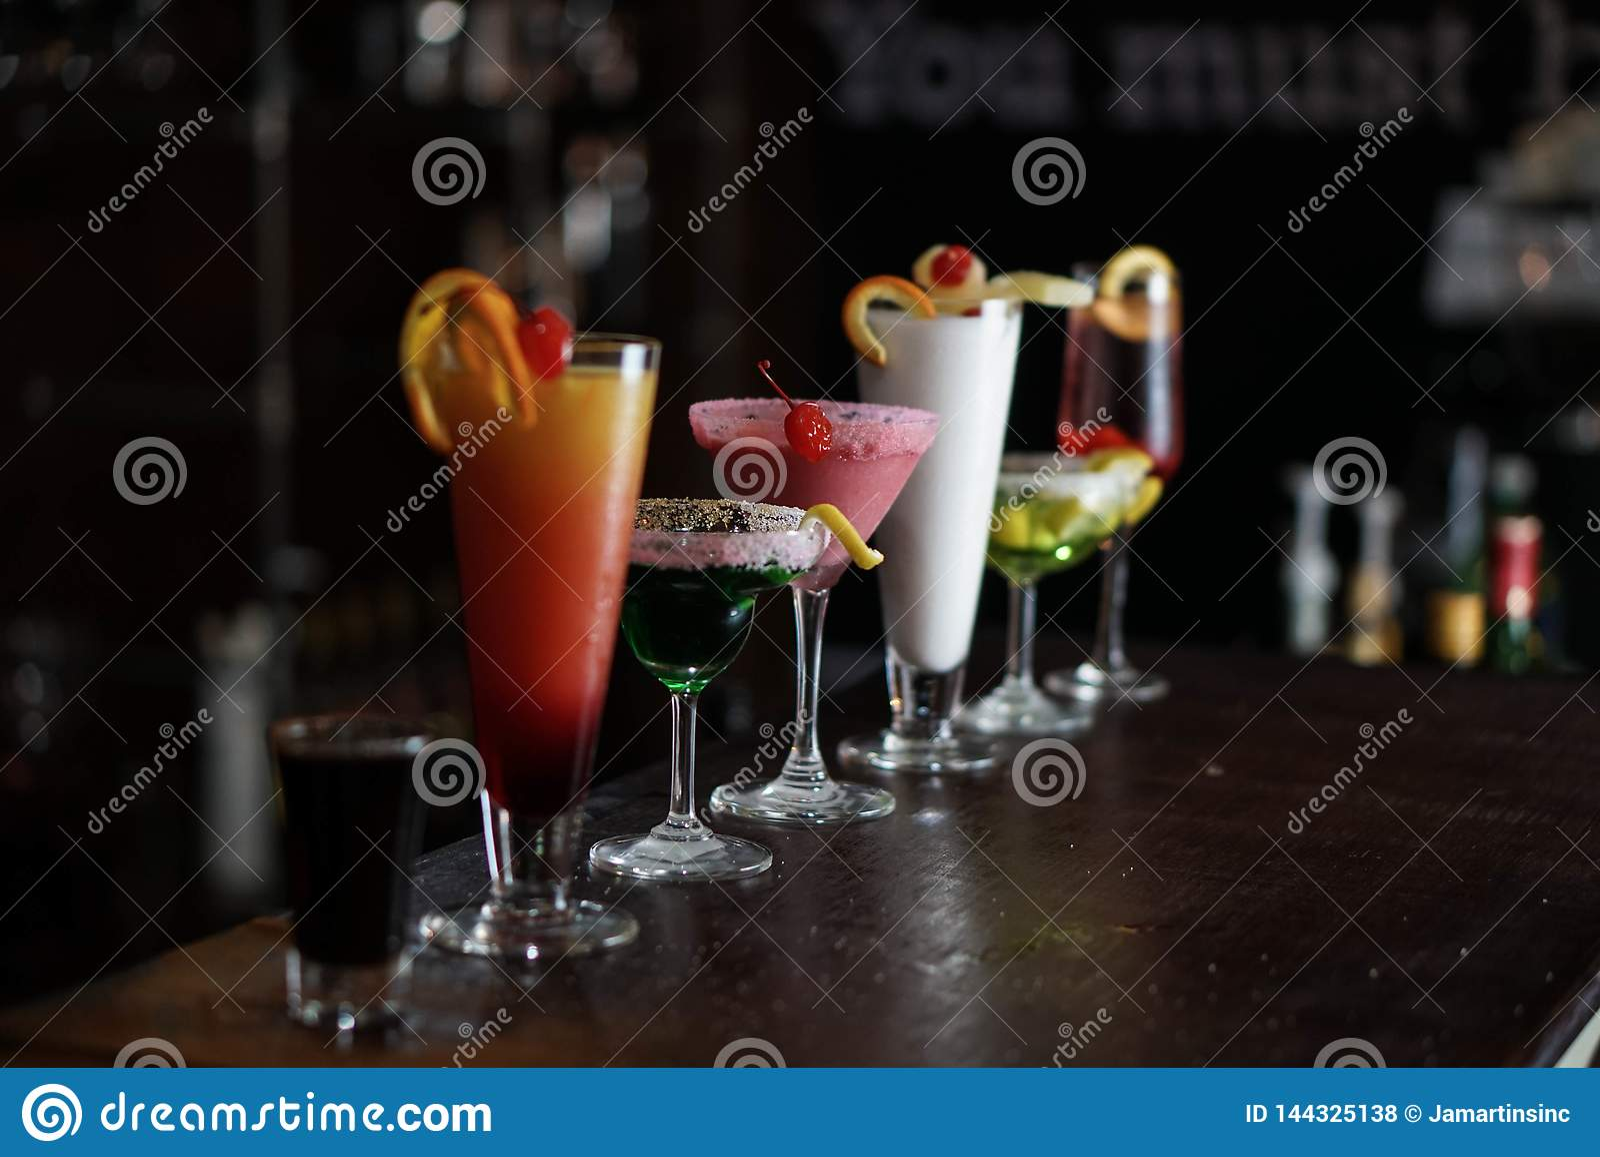 Les boissons alcoolisées ont rayé sur une barre